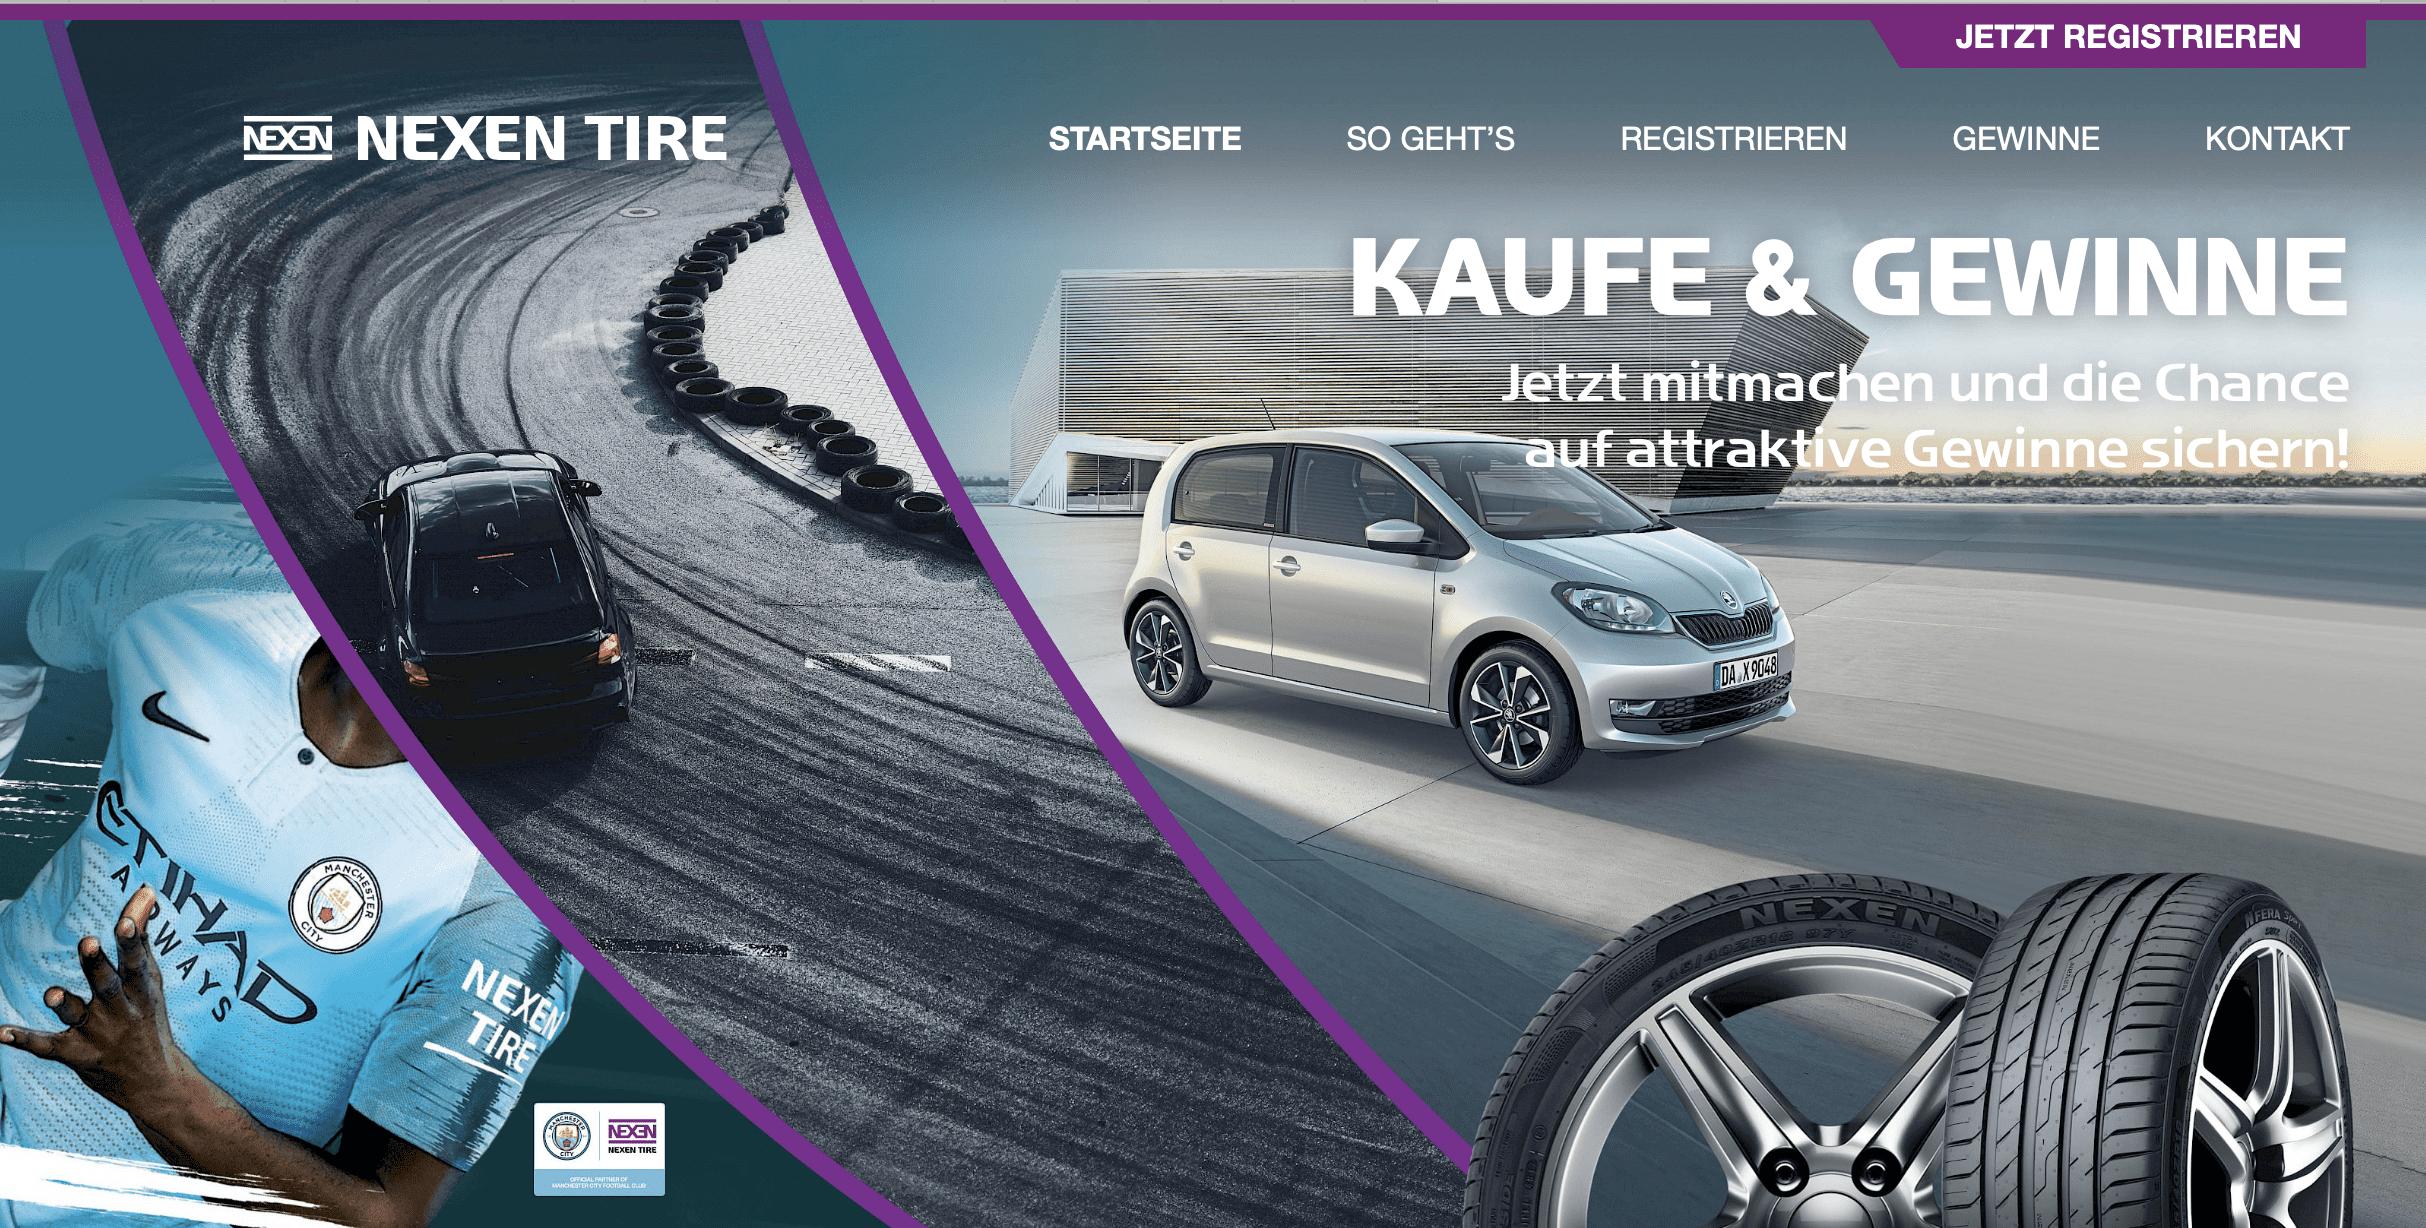 """Nexen Tire """"KAUFE & GEWINNE"""""""